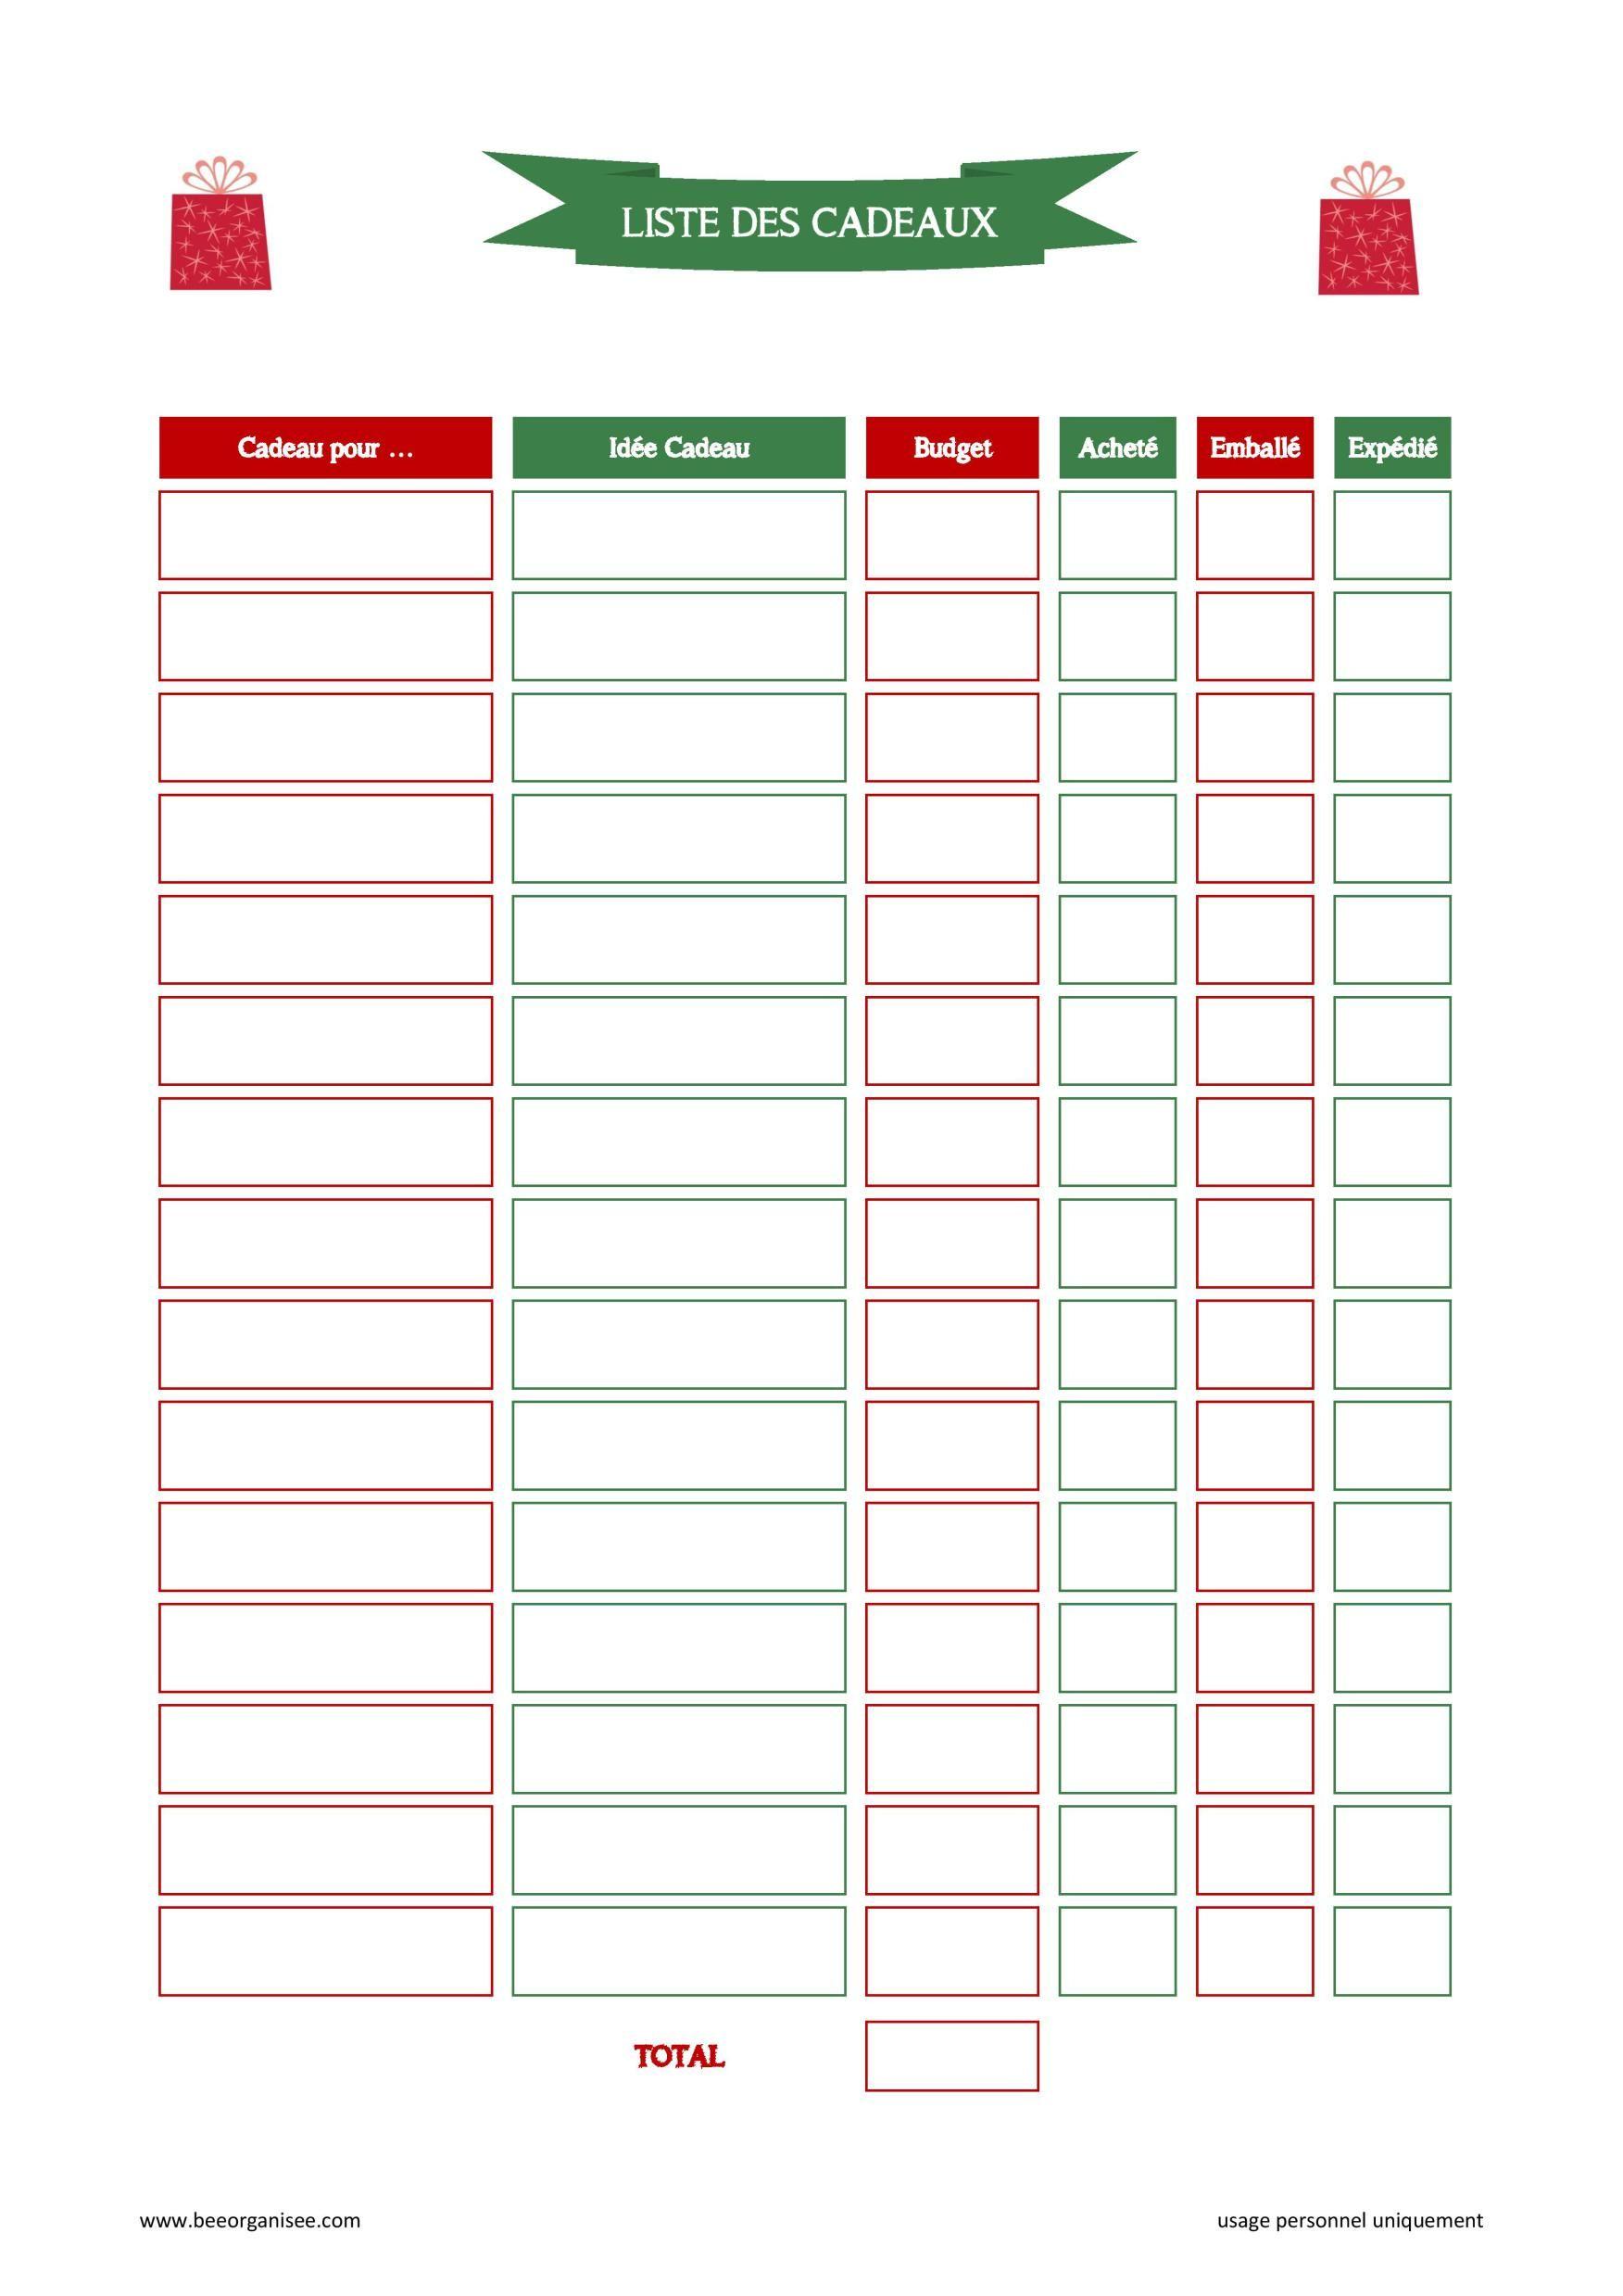 Trame gratuite à imprimer : la liste des cadeaux à faire pour Noël